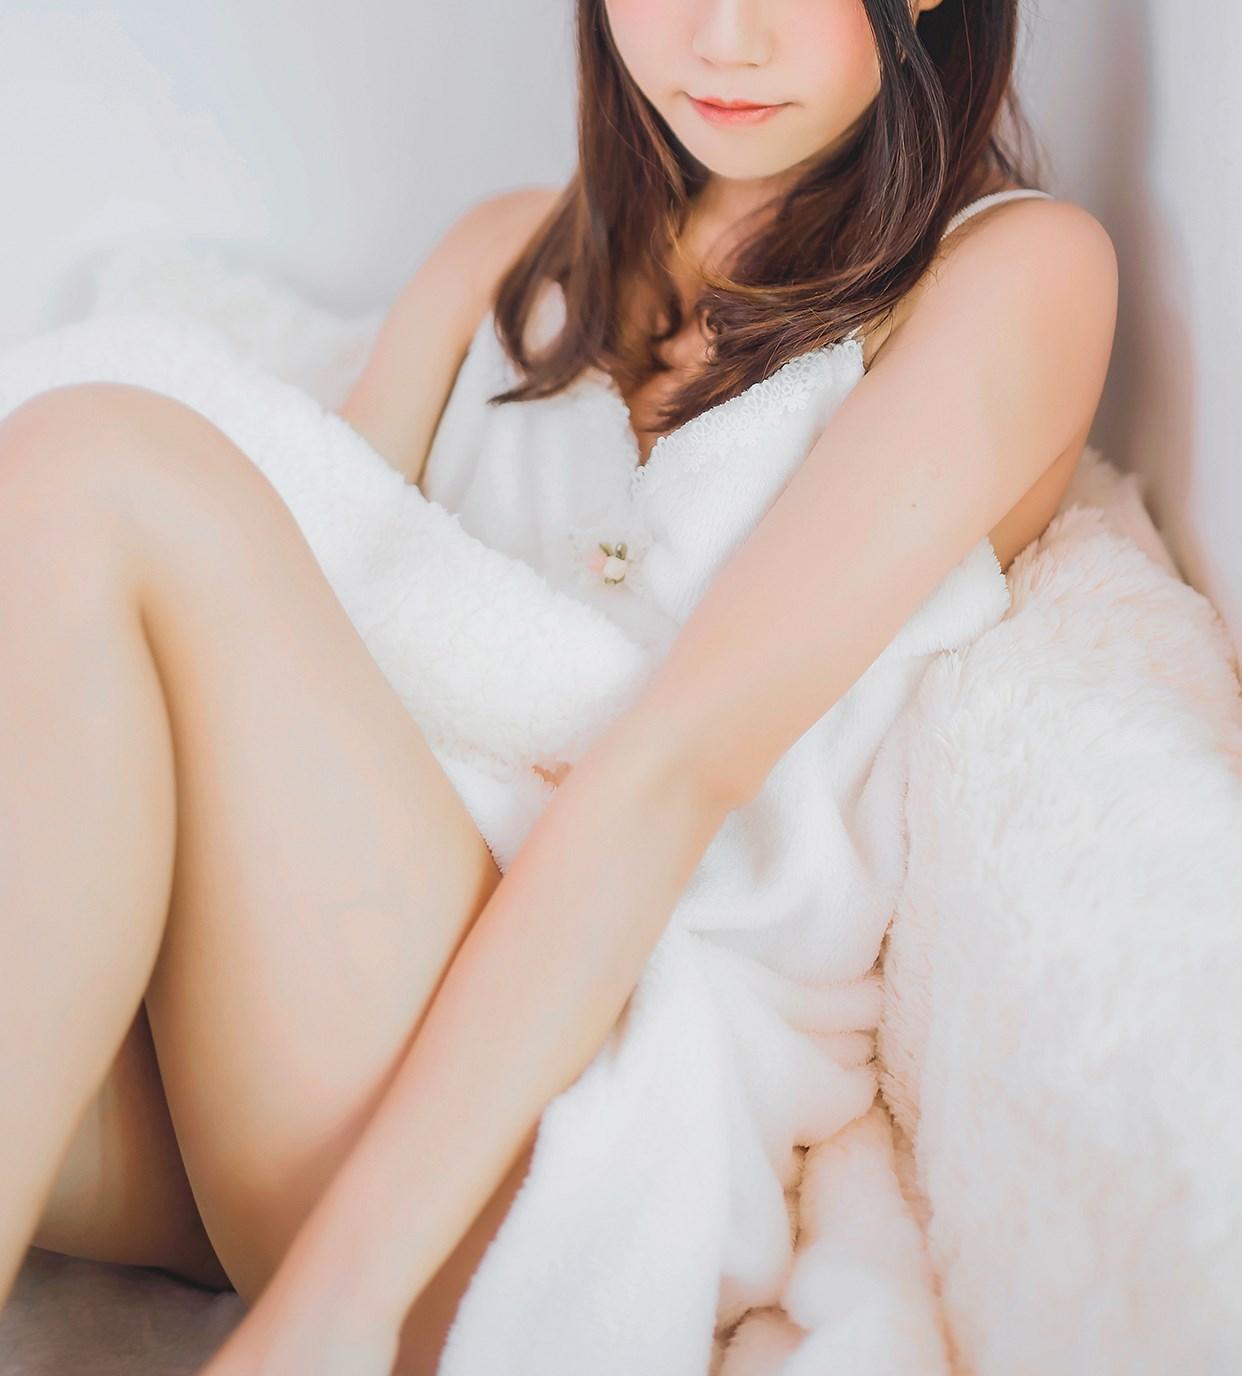 【兔玩映画】喵喵睡衣 兔玩映画 第4张